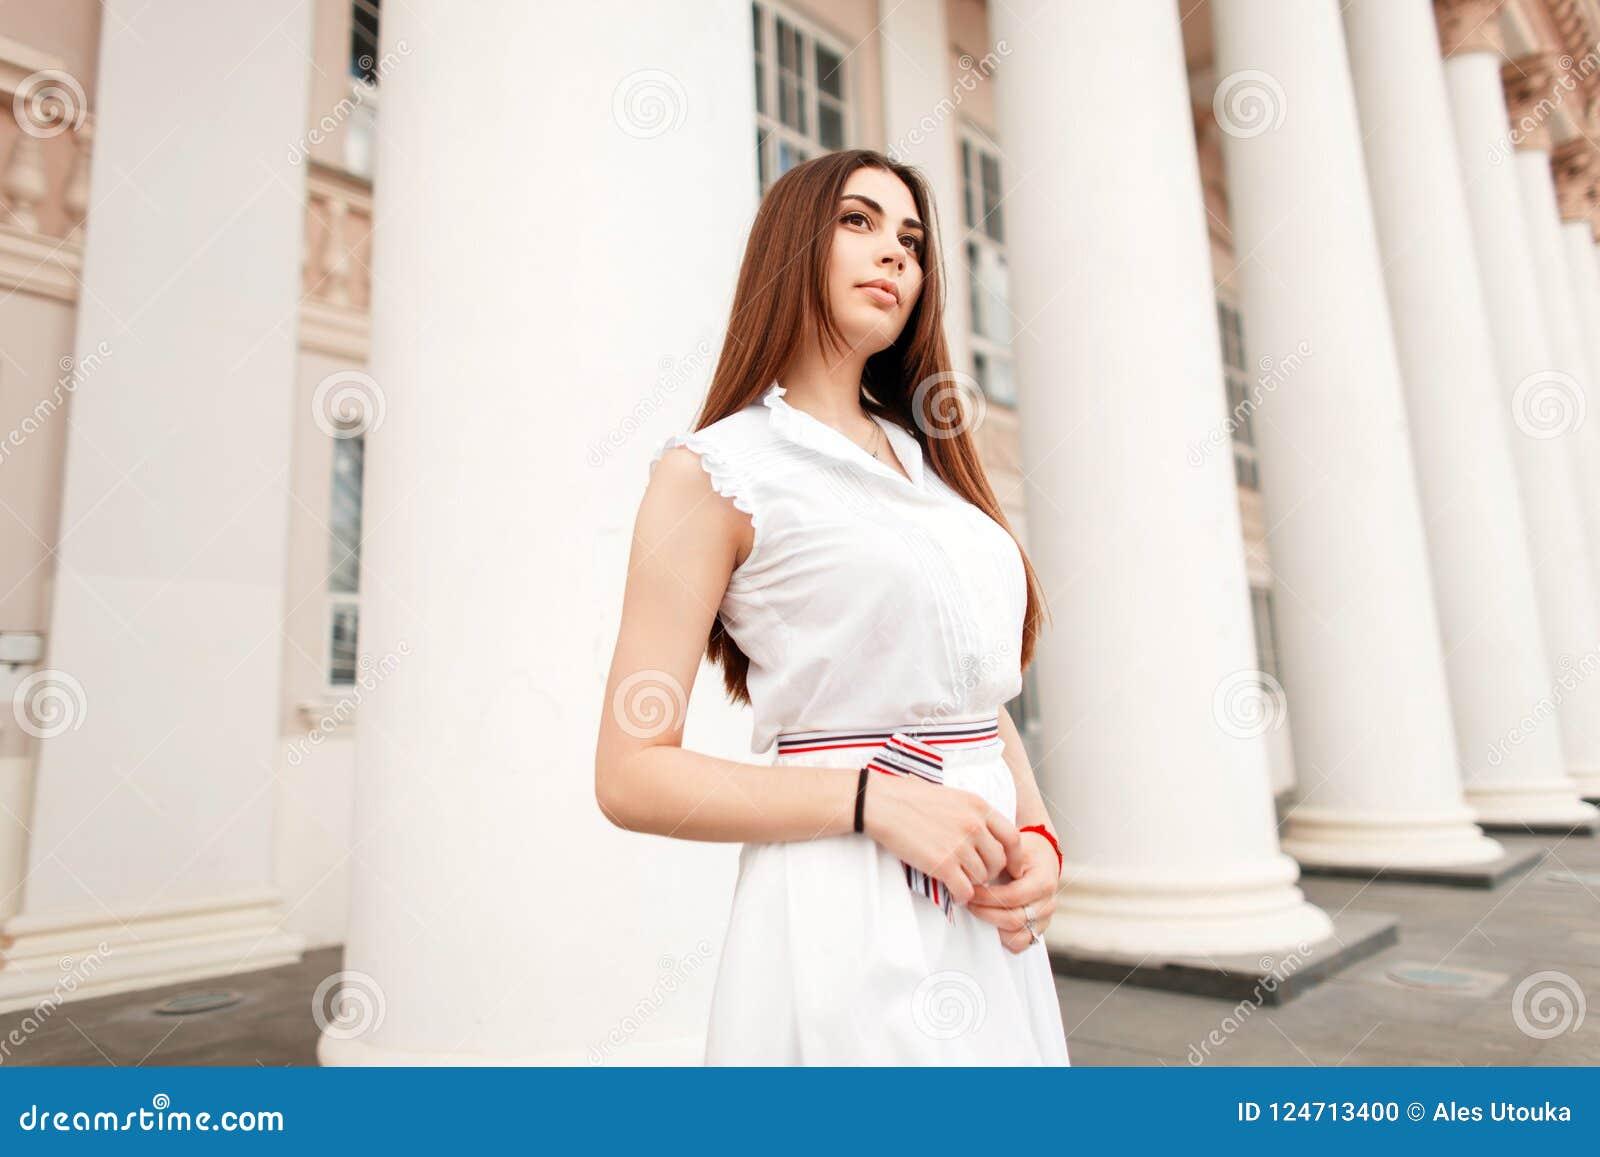 8096f06973d8 Bella Giovane Donna In Un Vestito Bianco D avanguardia Fotografia ...